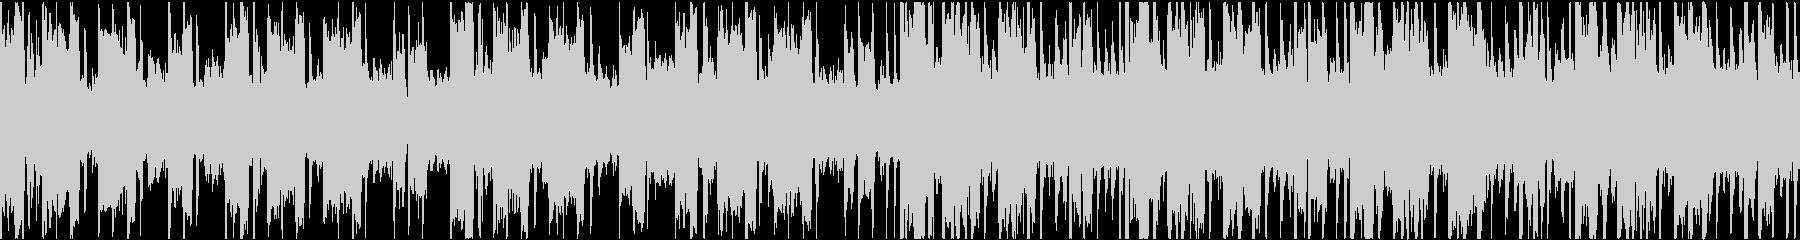 無機質なテクスチャー系BGMの未再生の波形